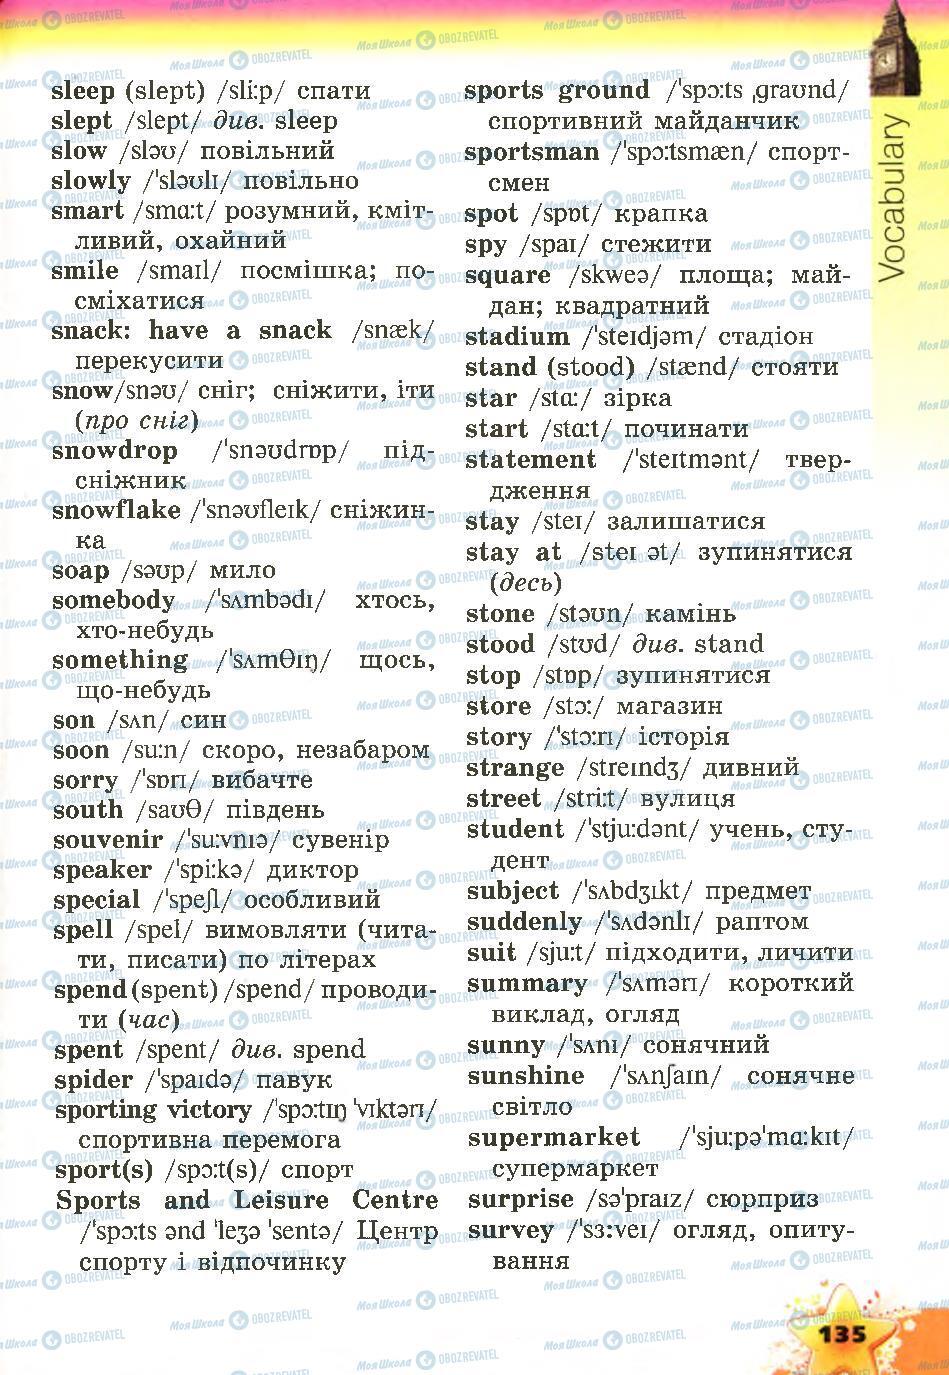 Підручники Англійська мова 4 клас сторінка 135